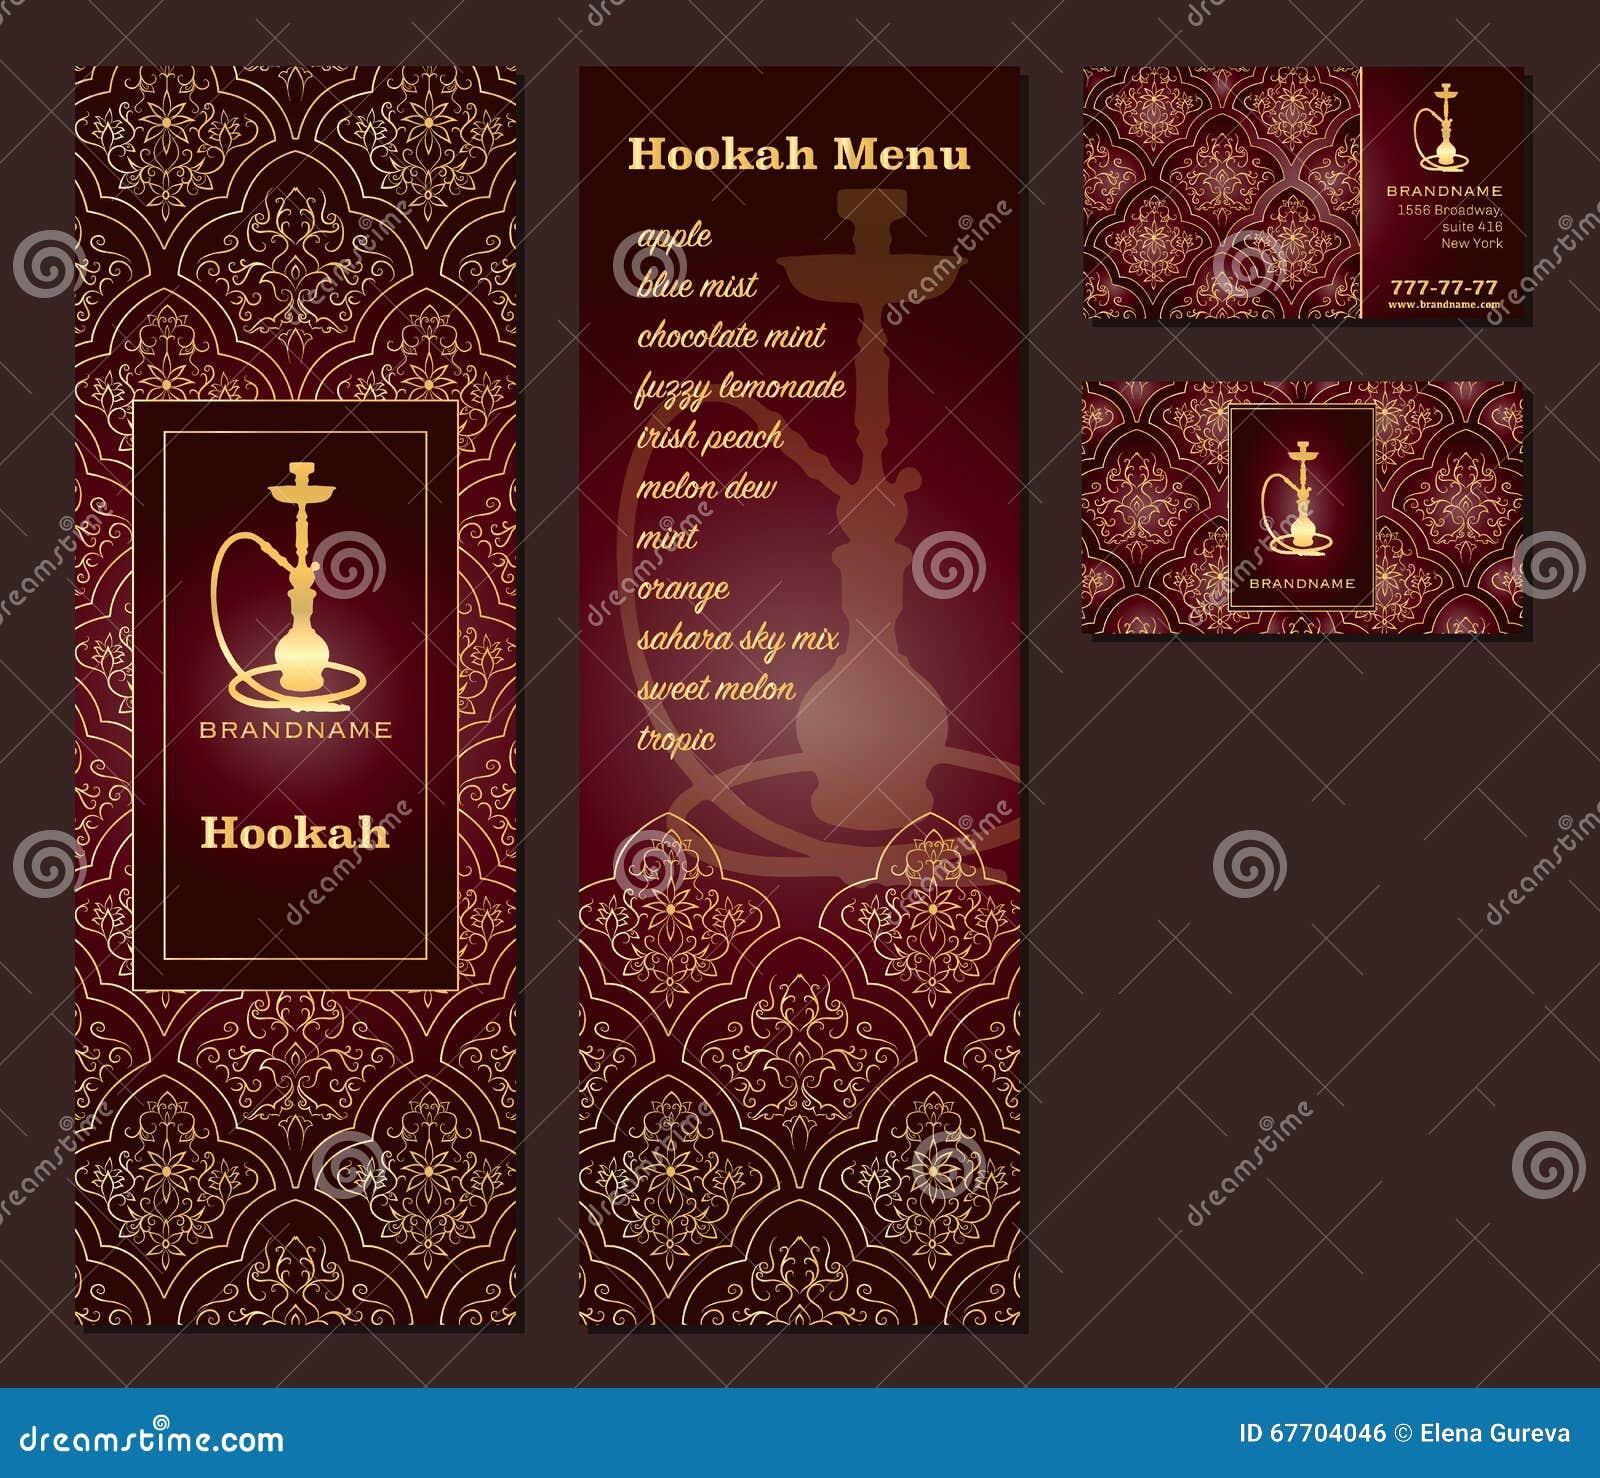 Vector Illustration Eines Menüs Für Eine Arabische Orientalische Küche Des  Restaurants Oder Des Cafés Mit Huka, Visitenkarten